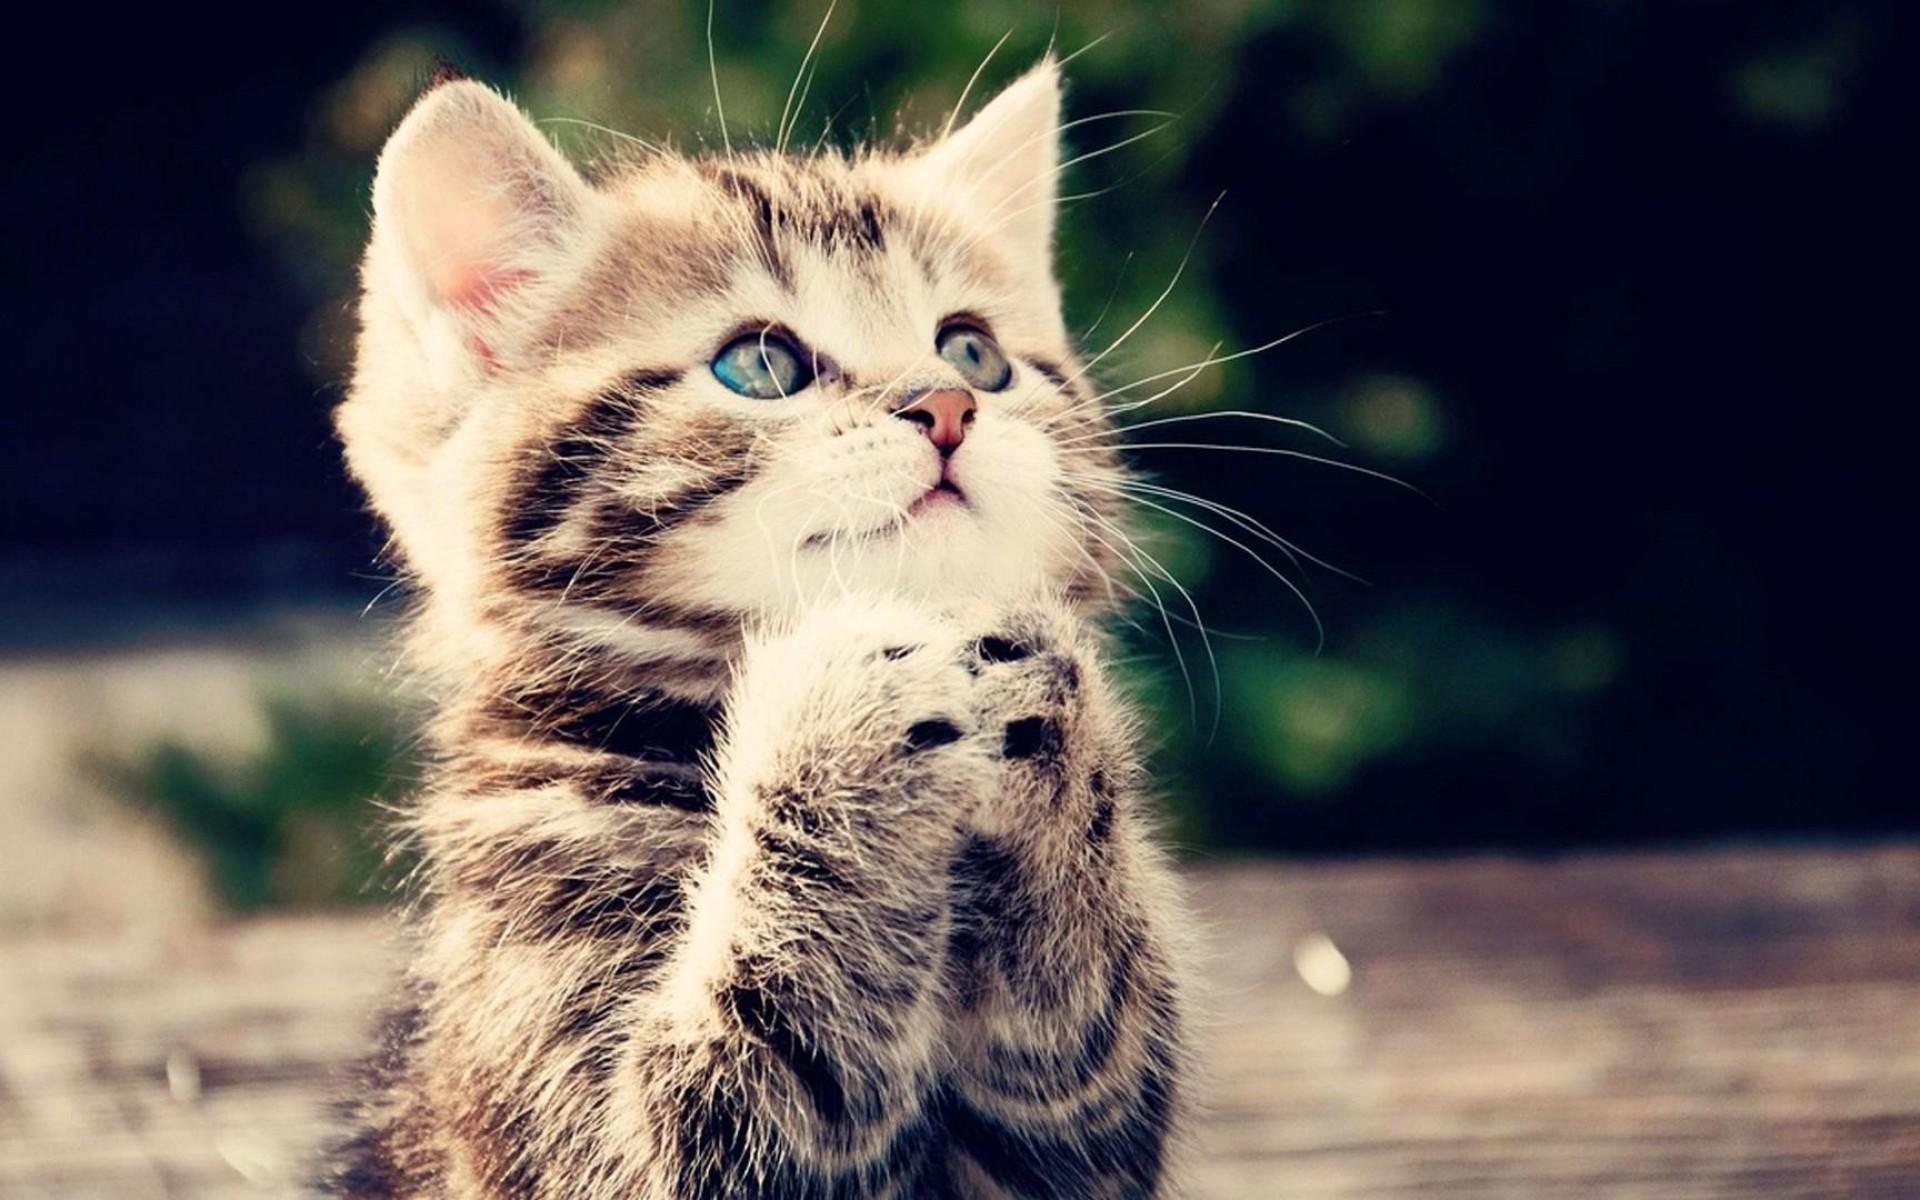 Animals Cat Kitten Cute Begging Kitten Hd Wallpaper